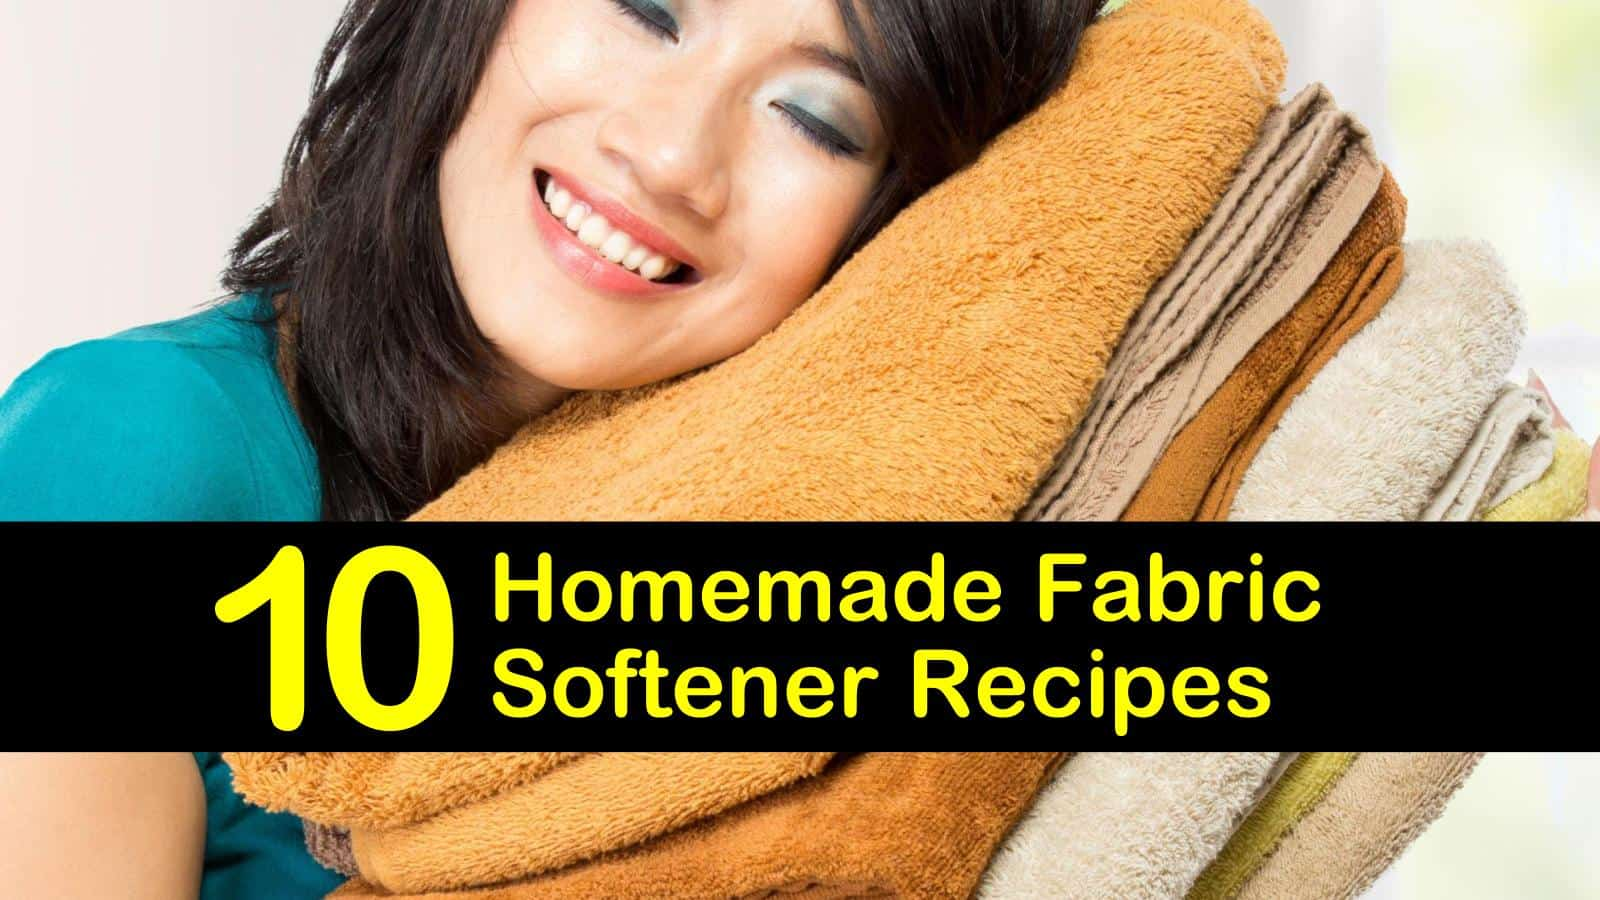 homemade fabric softener titleimg1